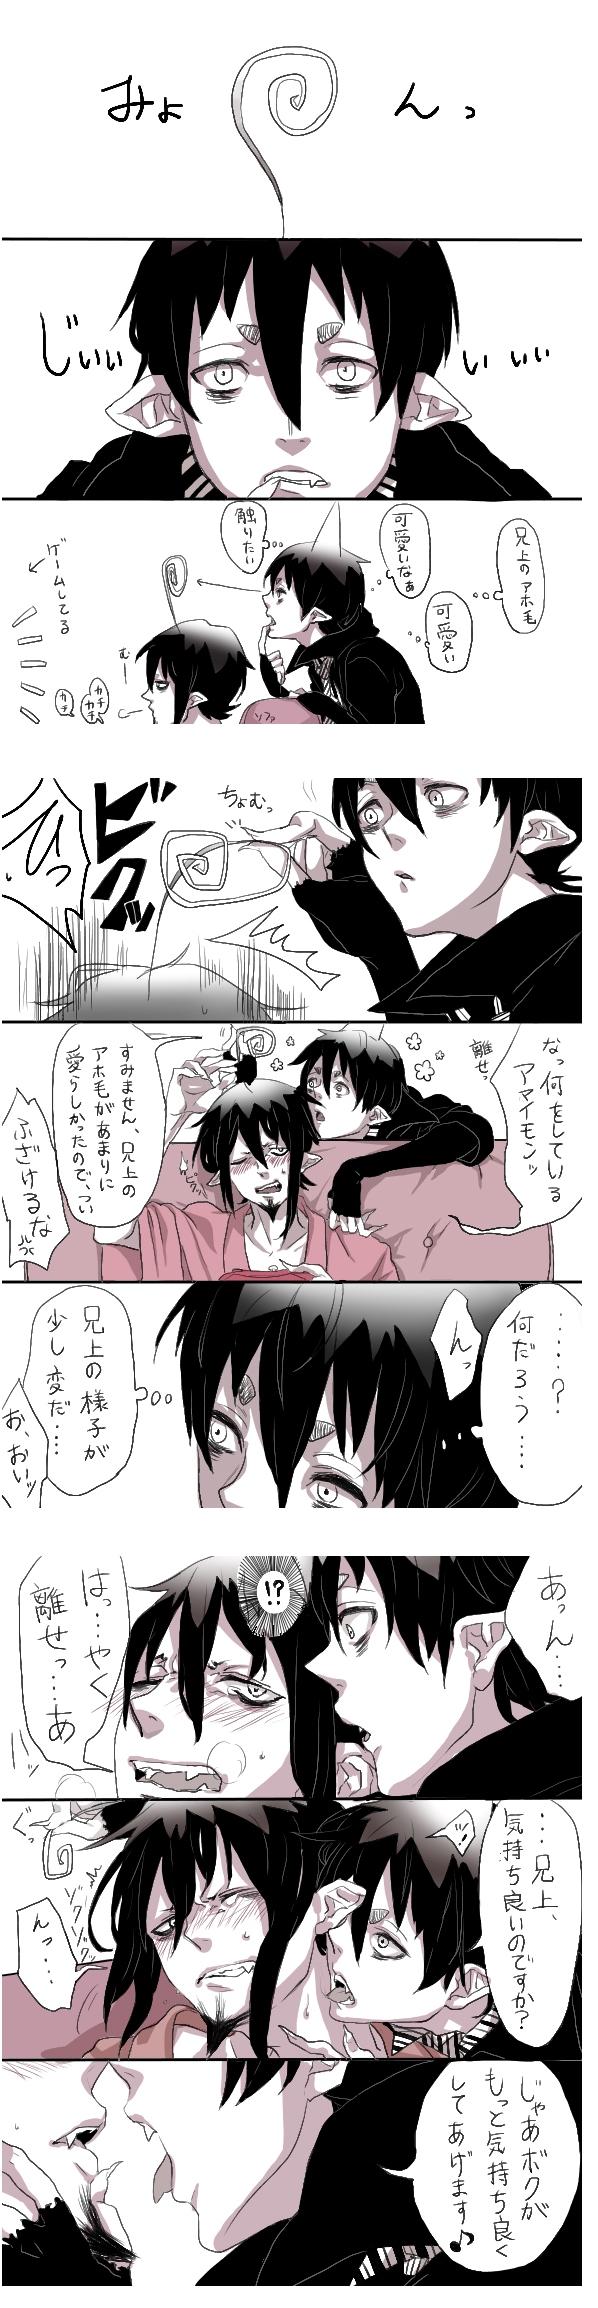 Tags: Anime, Pixiv Id 2292617, Ao no Exorcist, Amaimon, Mephisto Pheles, Translation Request, Blue Exorcist